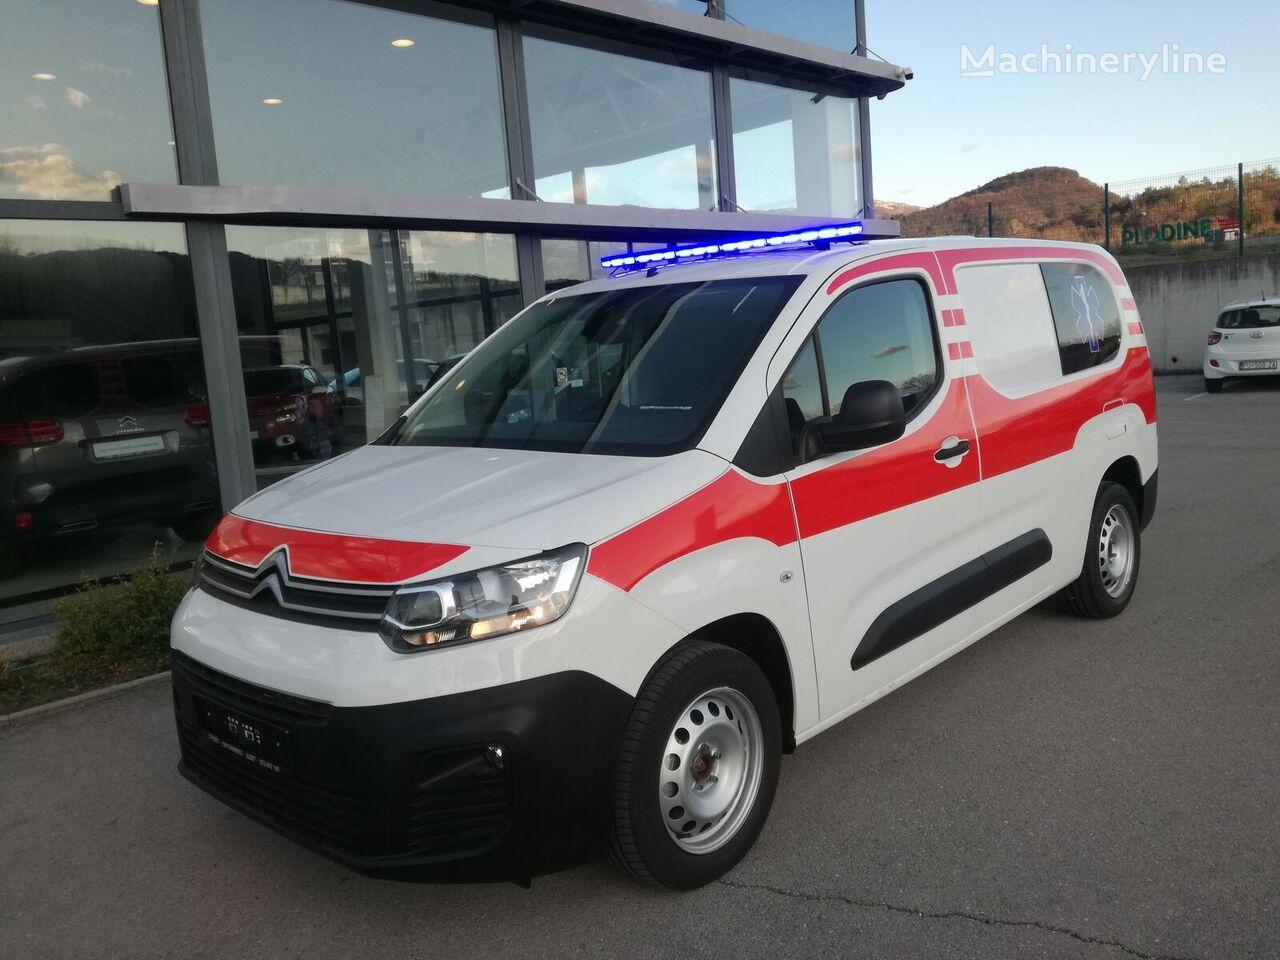 jauns CITROEN Berlingo XL mikroautobuss ātrās palīdzības mašīna